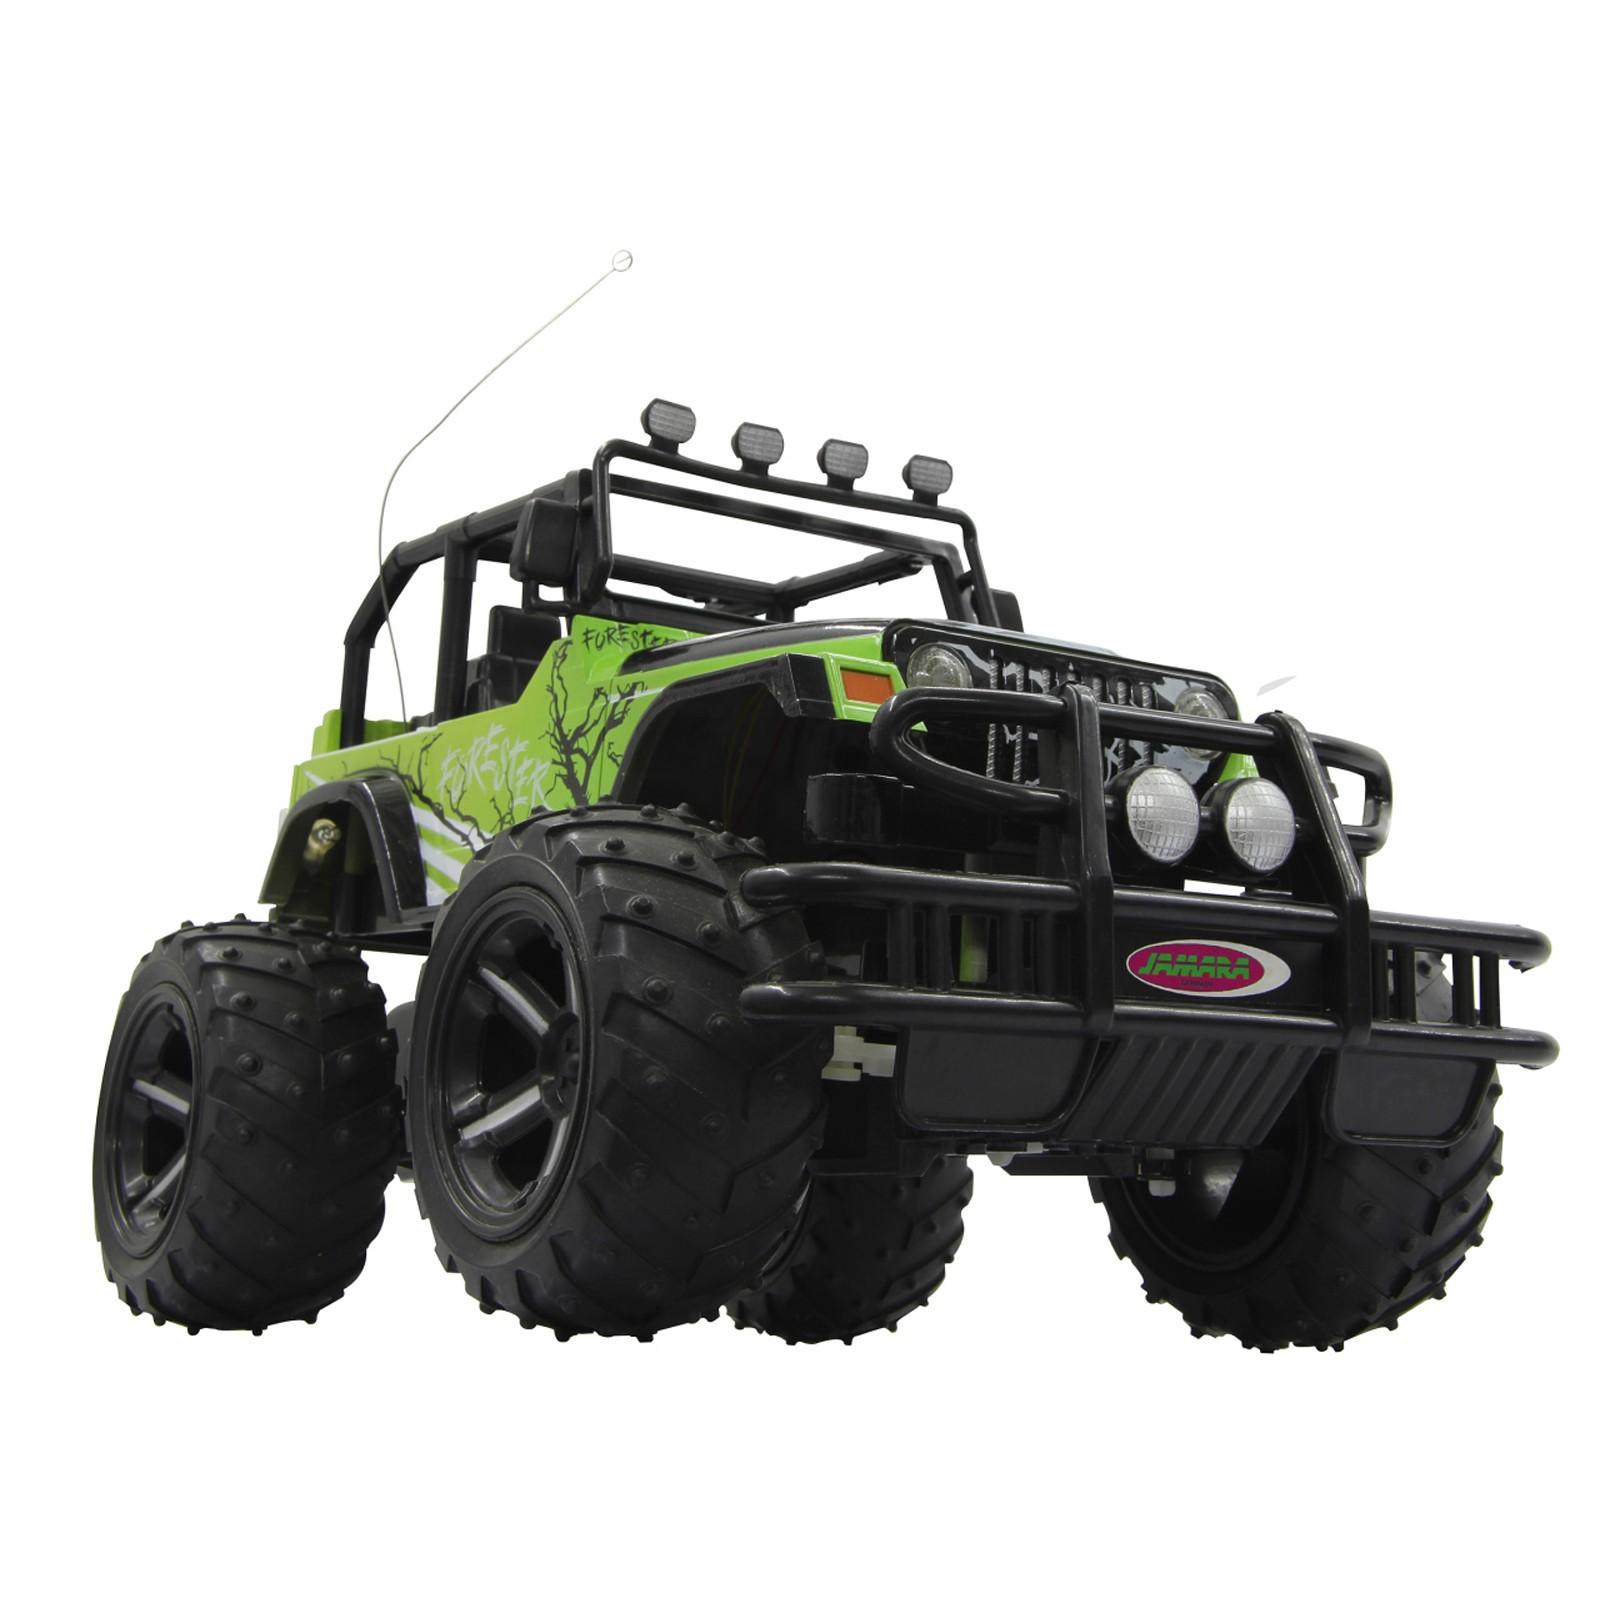 Ferngesteuerter Geländewagen Maßstab 1:12, mit LED, Einzelradaufhängung